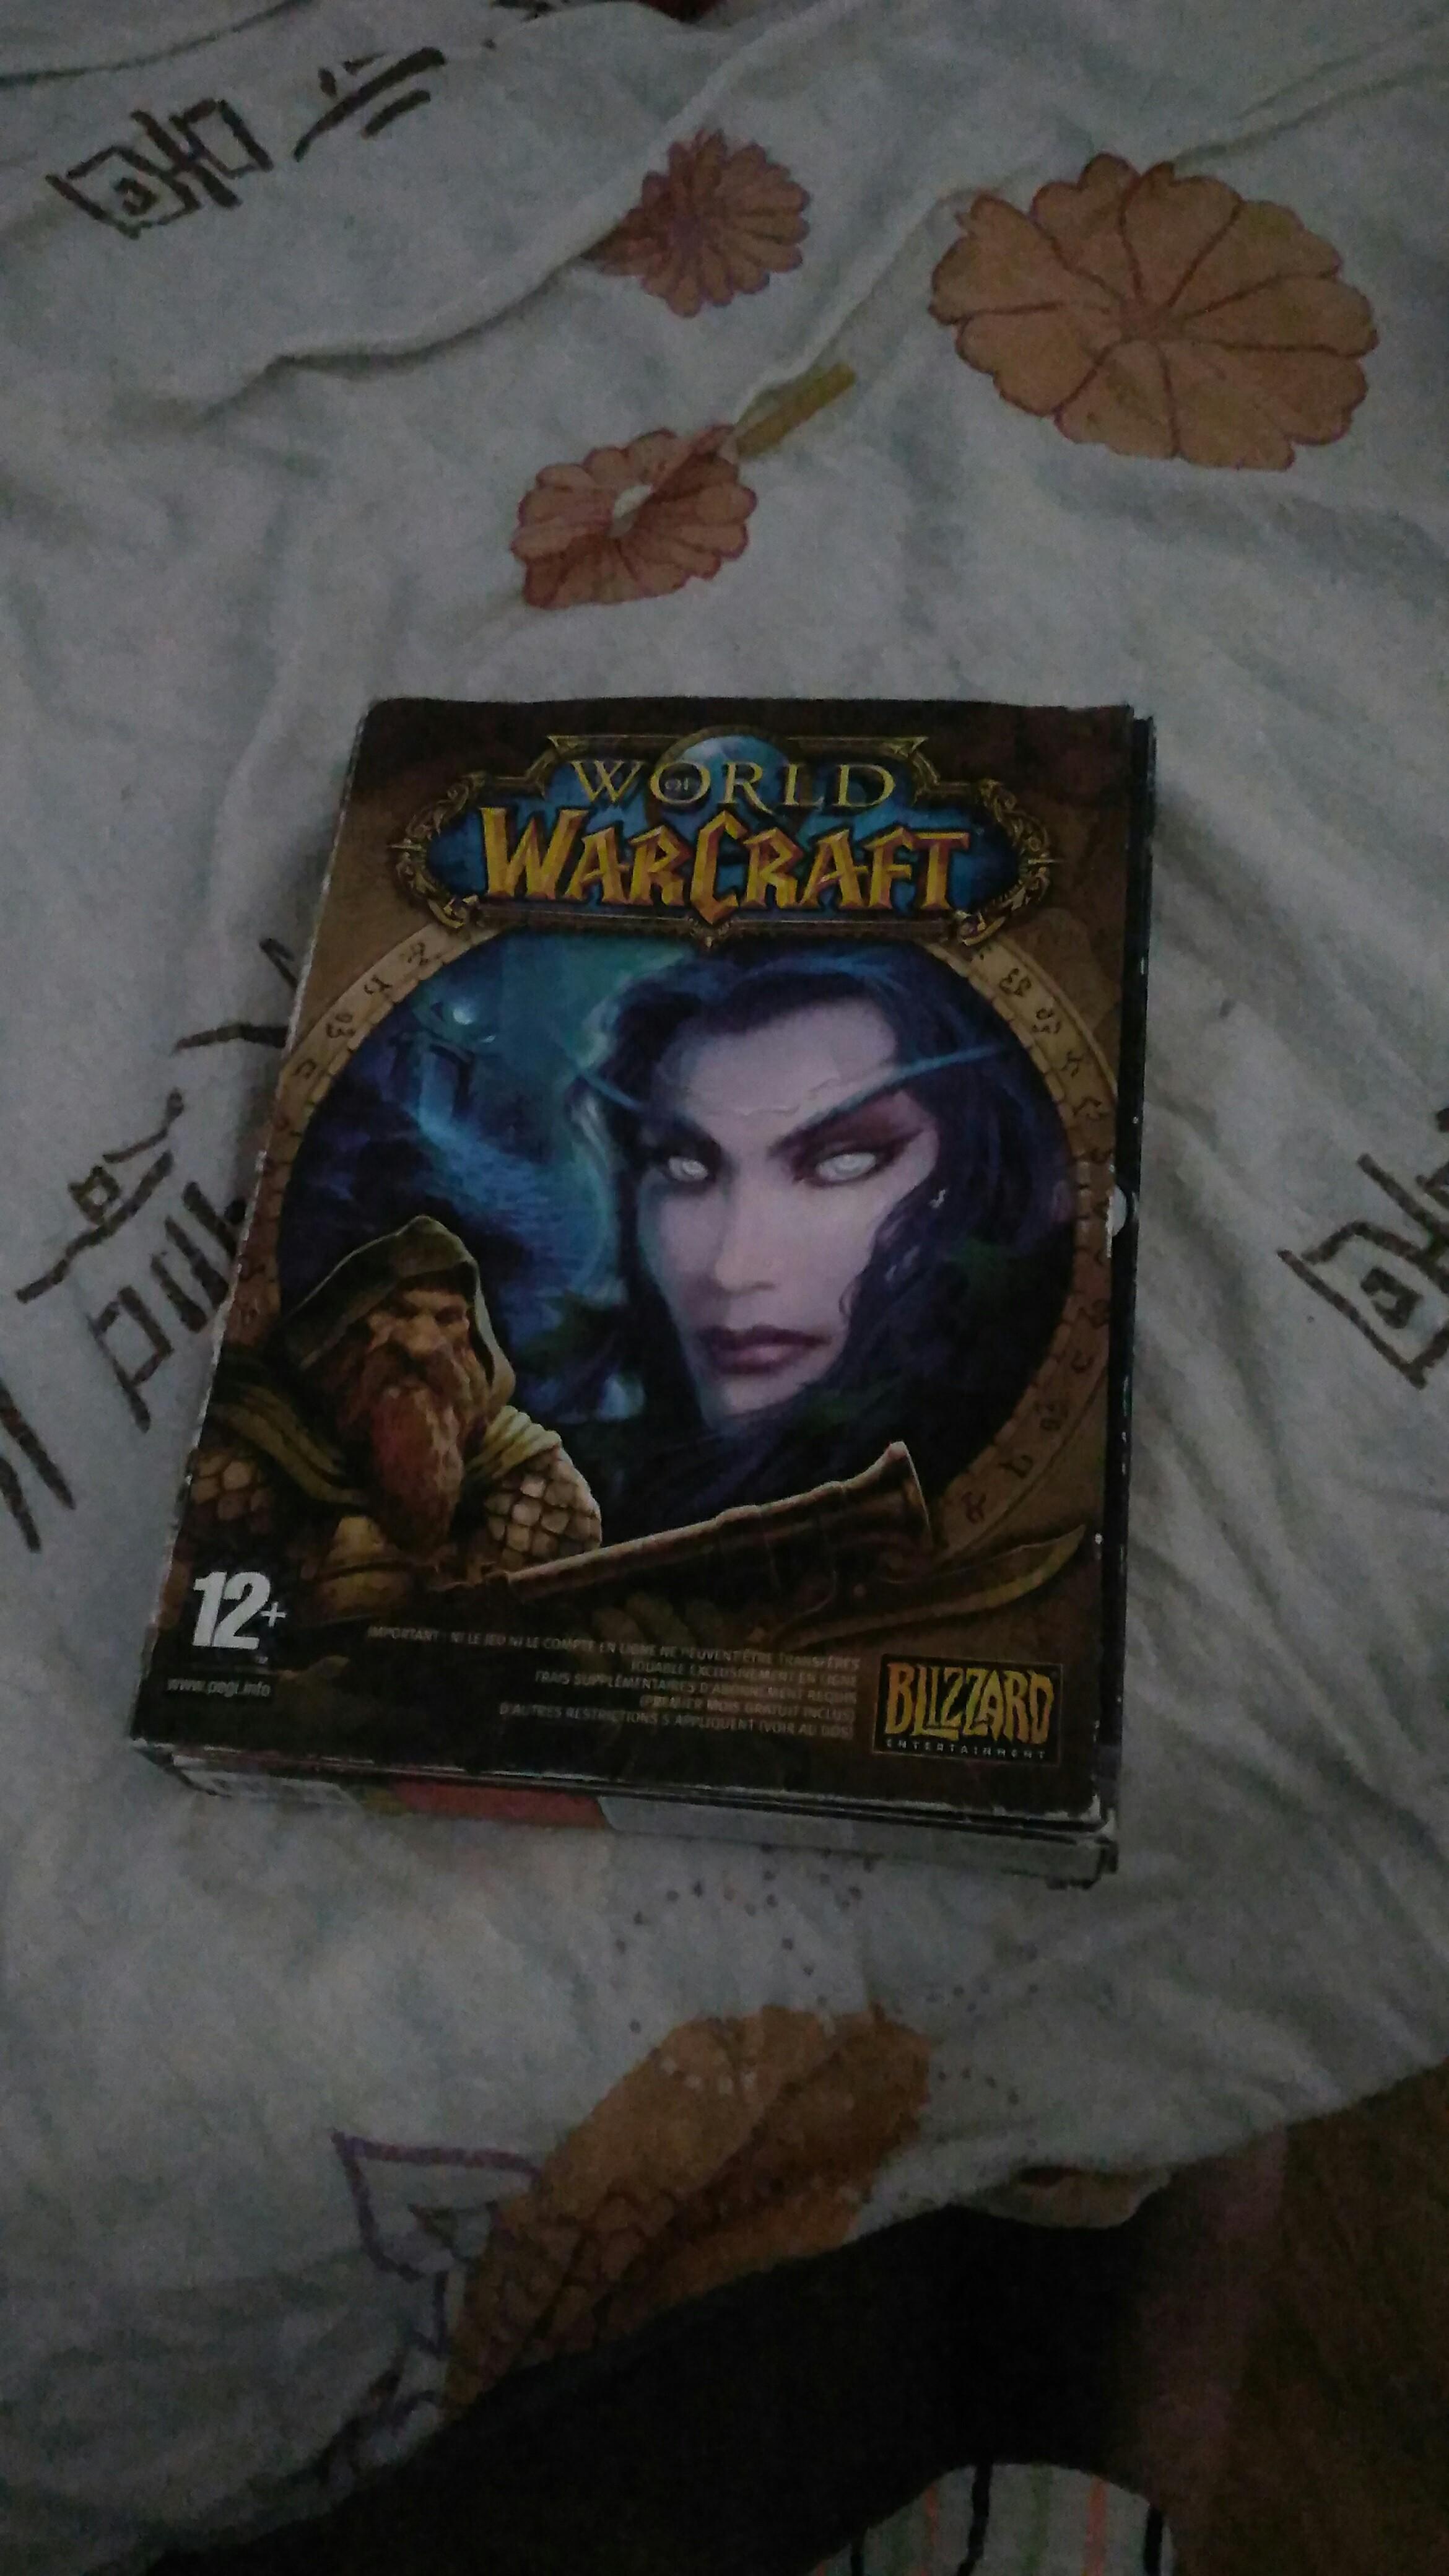 Petite boîte du jeu que j'ai toujours, un peu amochée. En collection physique, je possède donc Vanilla, BC, WoTLK et Cataclysm. Le reste a été acheté sur la boutique Blizzard au fil des années